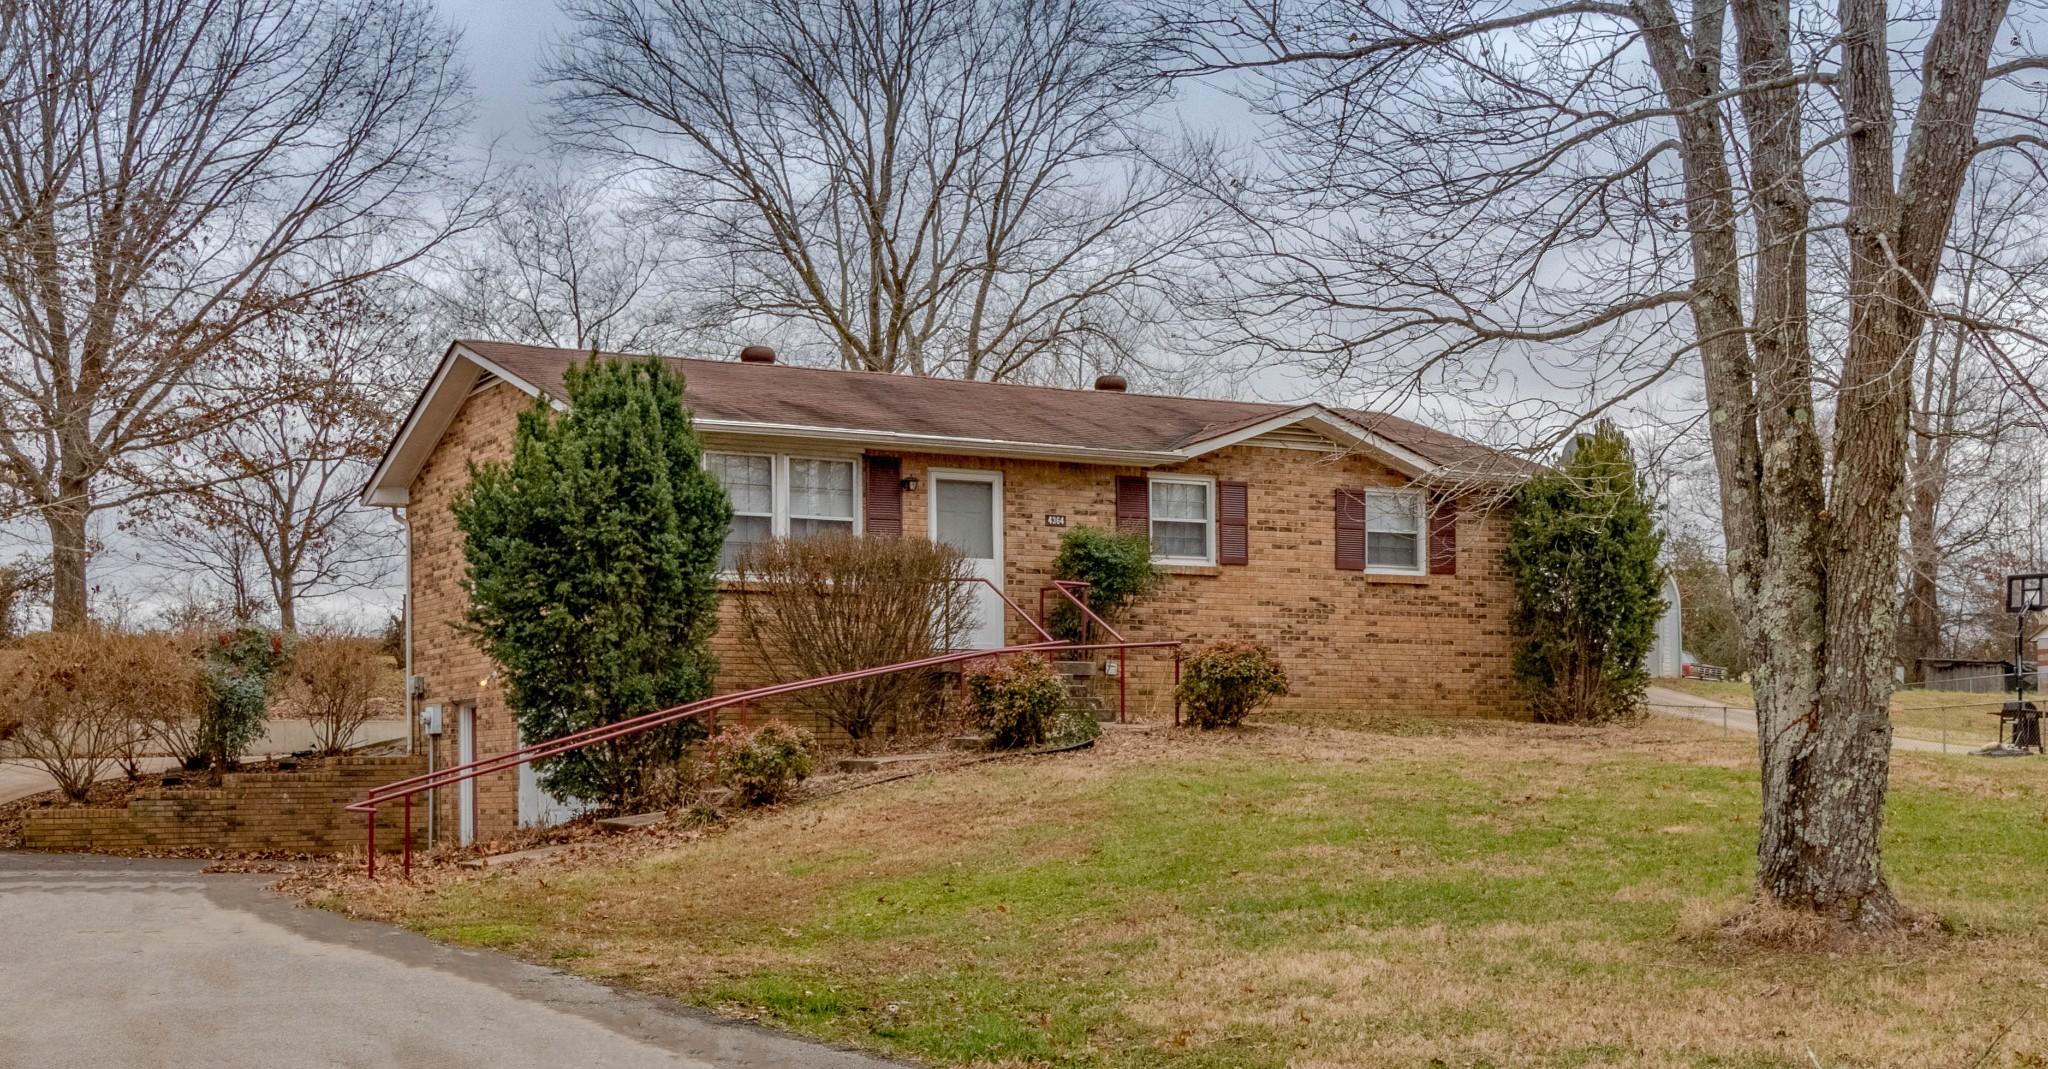 4364 Dover Rd, Woodlawn, TN 37191 - Woodlawn, TN real estate listing